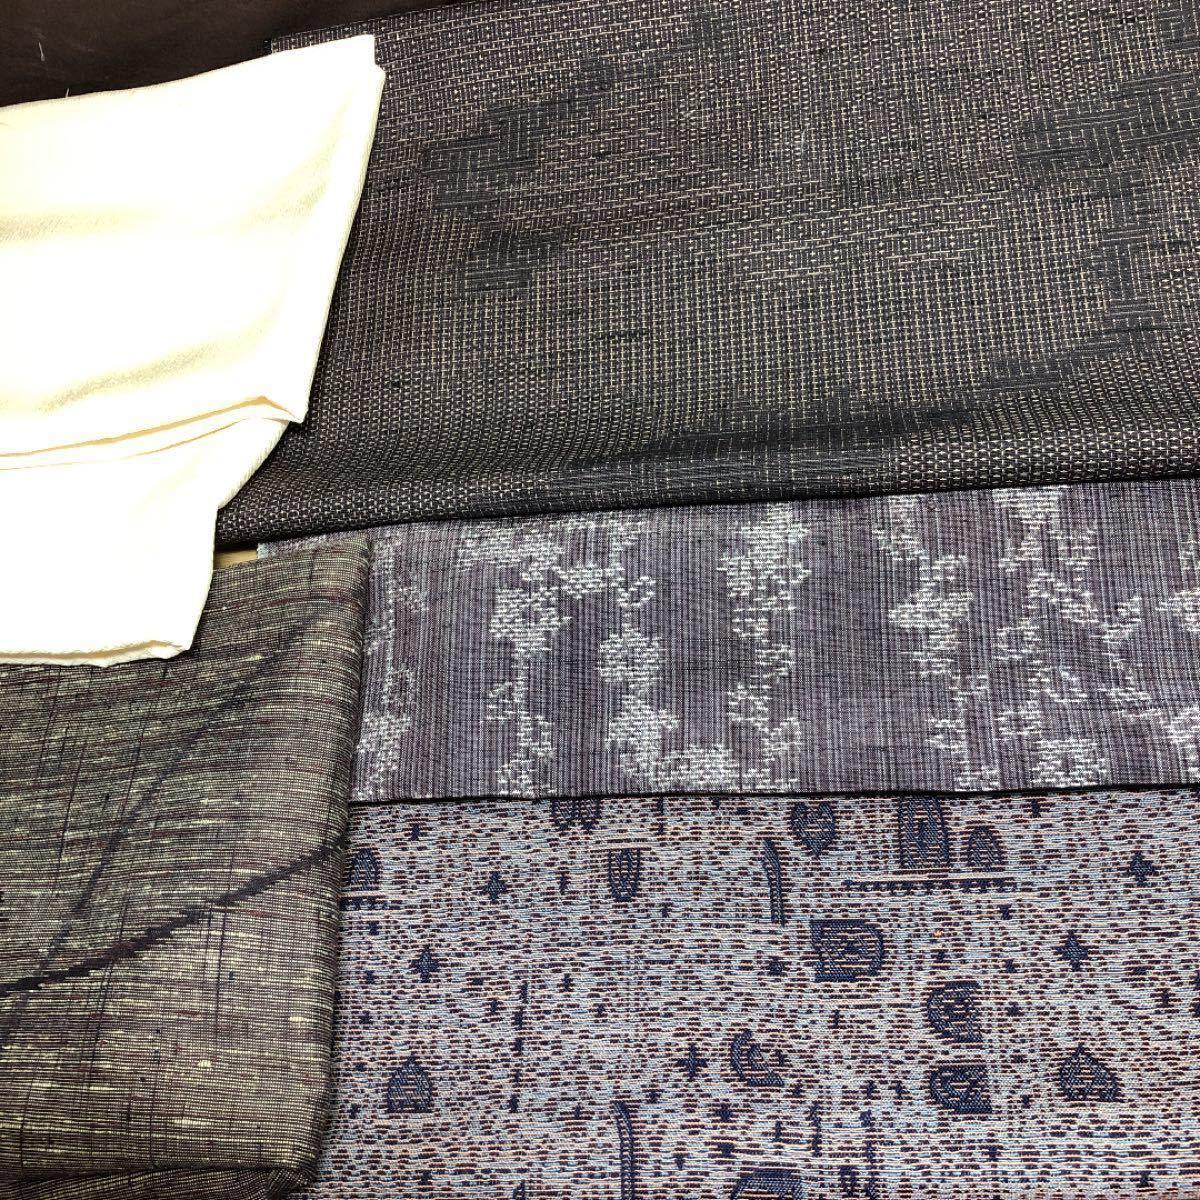 着物 反物 はぎれ 紫系 和装小物 バッグ等リメイク用 ハンドメイド素材 パッチワーク つまみ細工 和柄